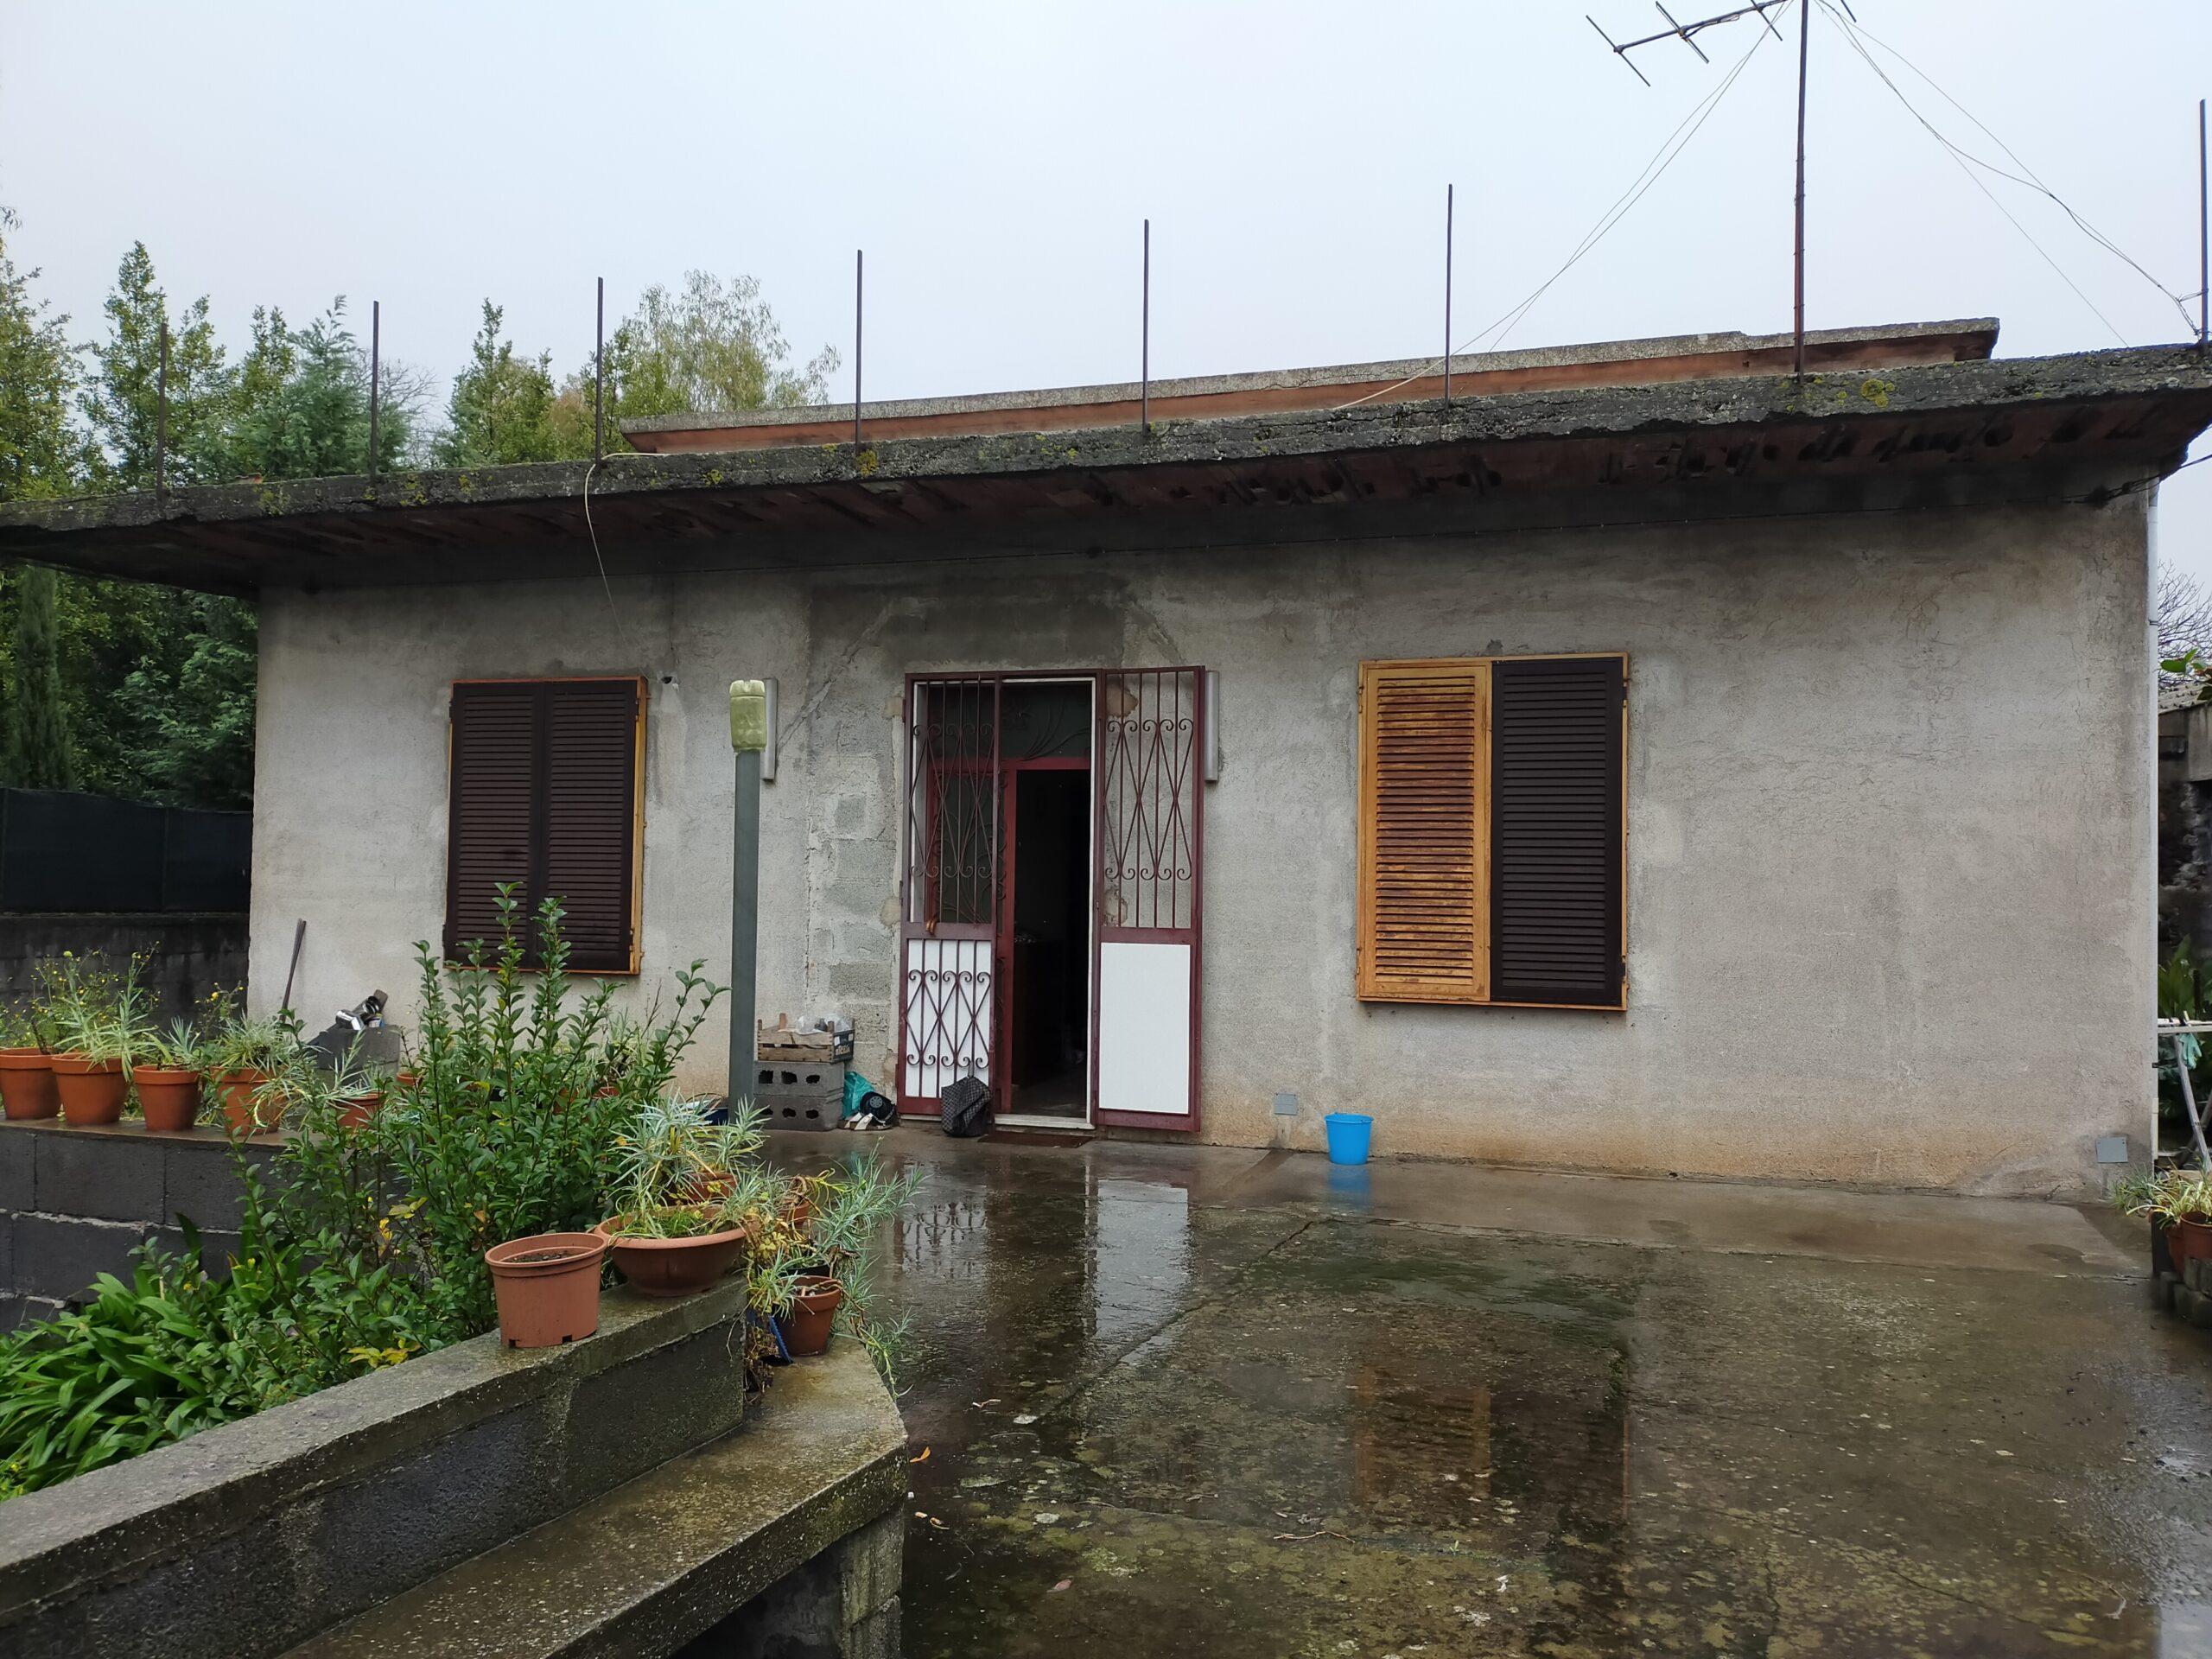 S.A.li Battiati Villino di 160 mq. con giardino